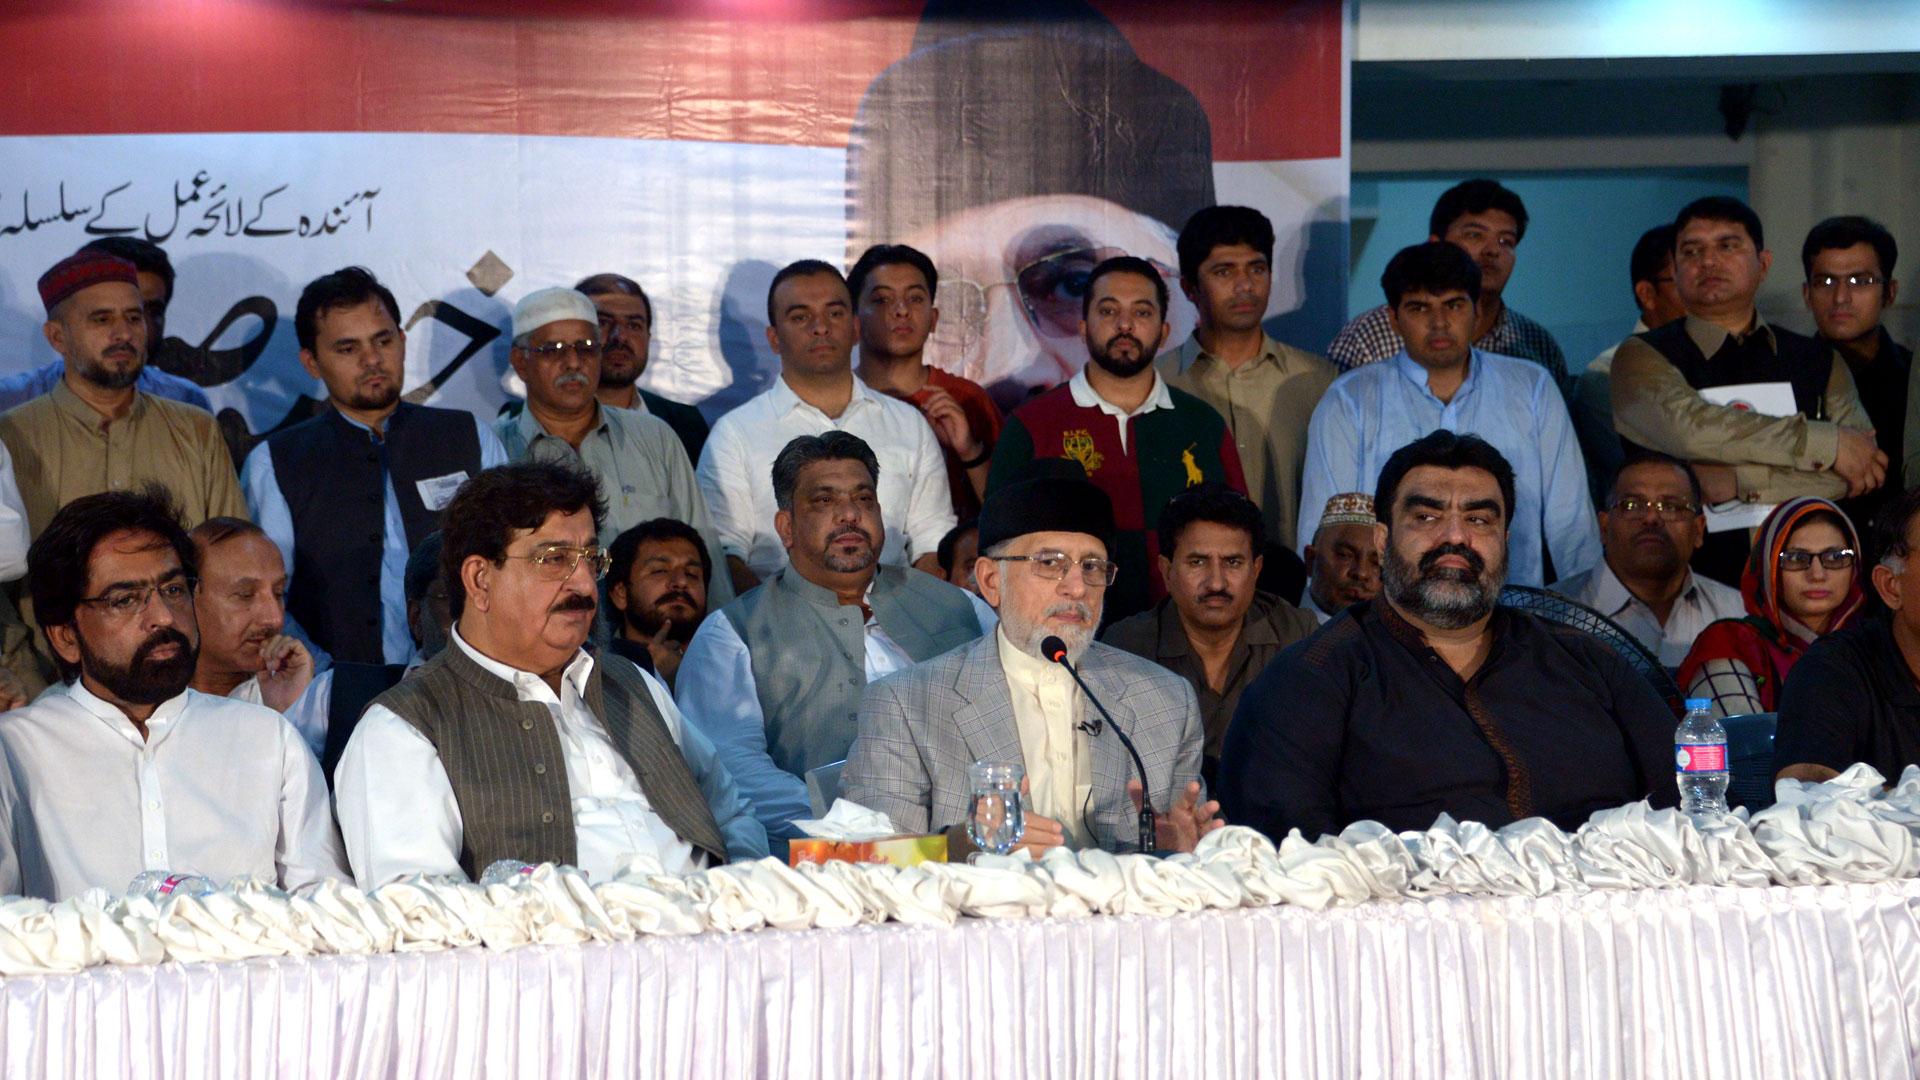 پریس کانفرنس: ڈاکٹر طاہرالقادری کا تحریک قصاص شروع کرنے کا اعلان